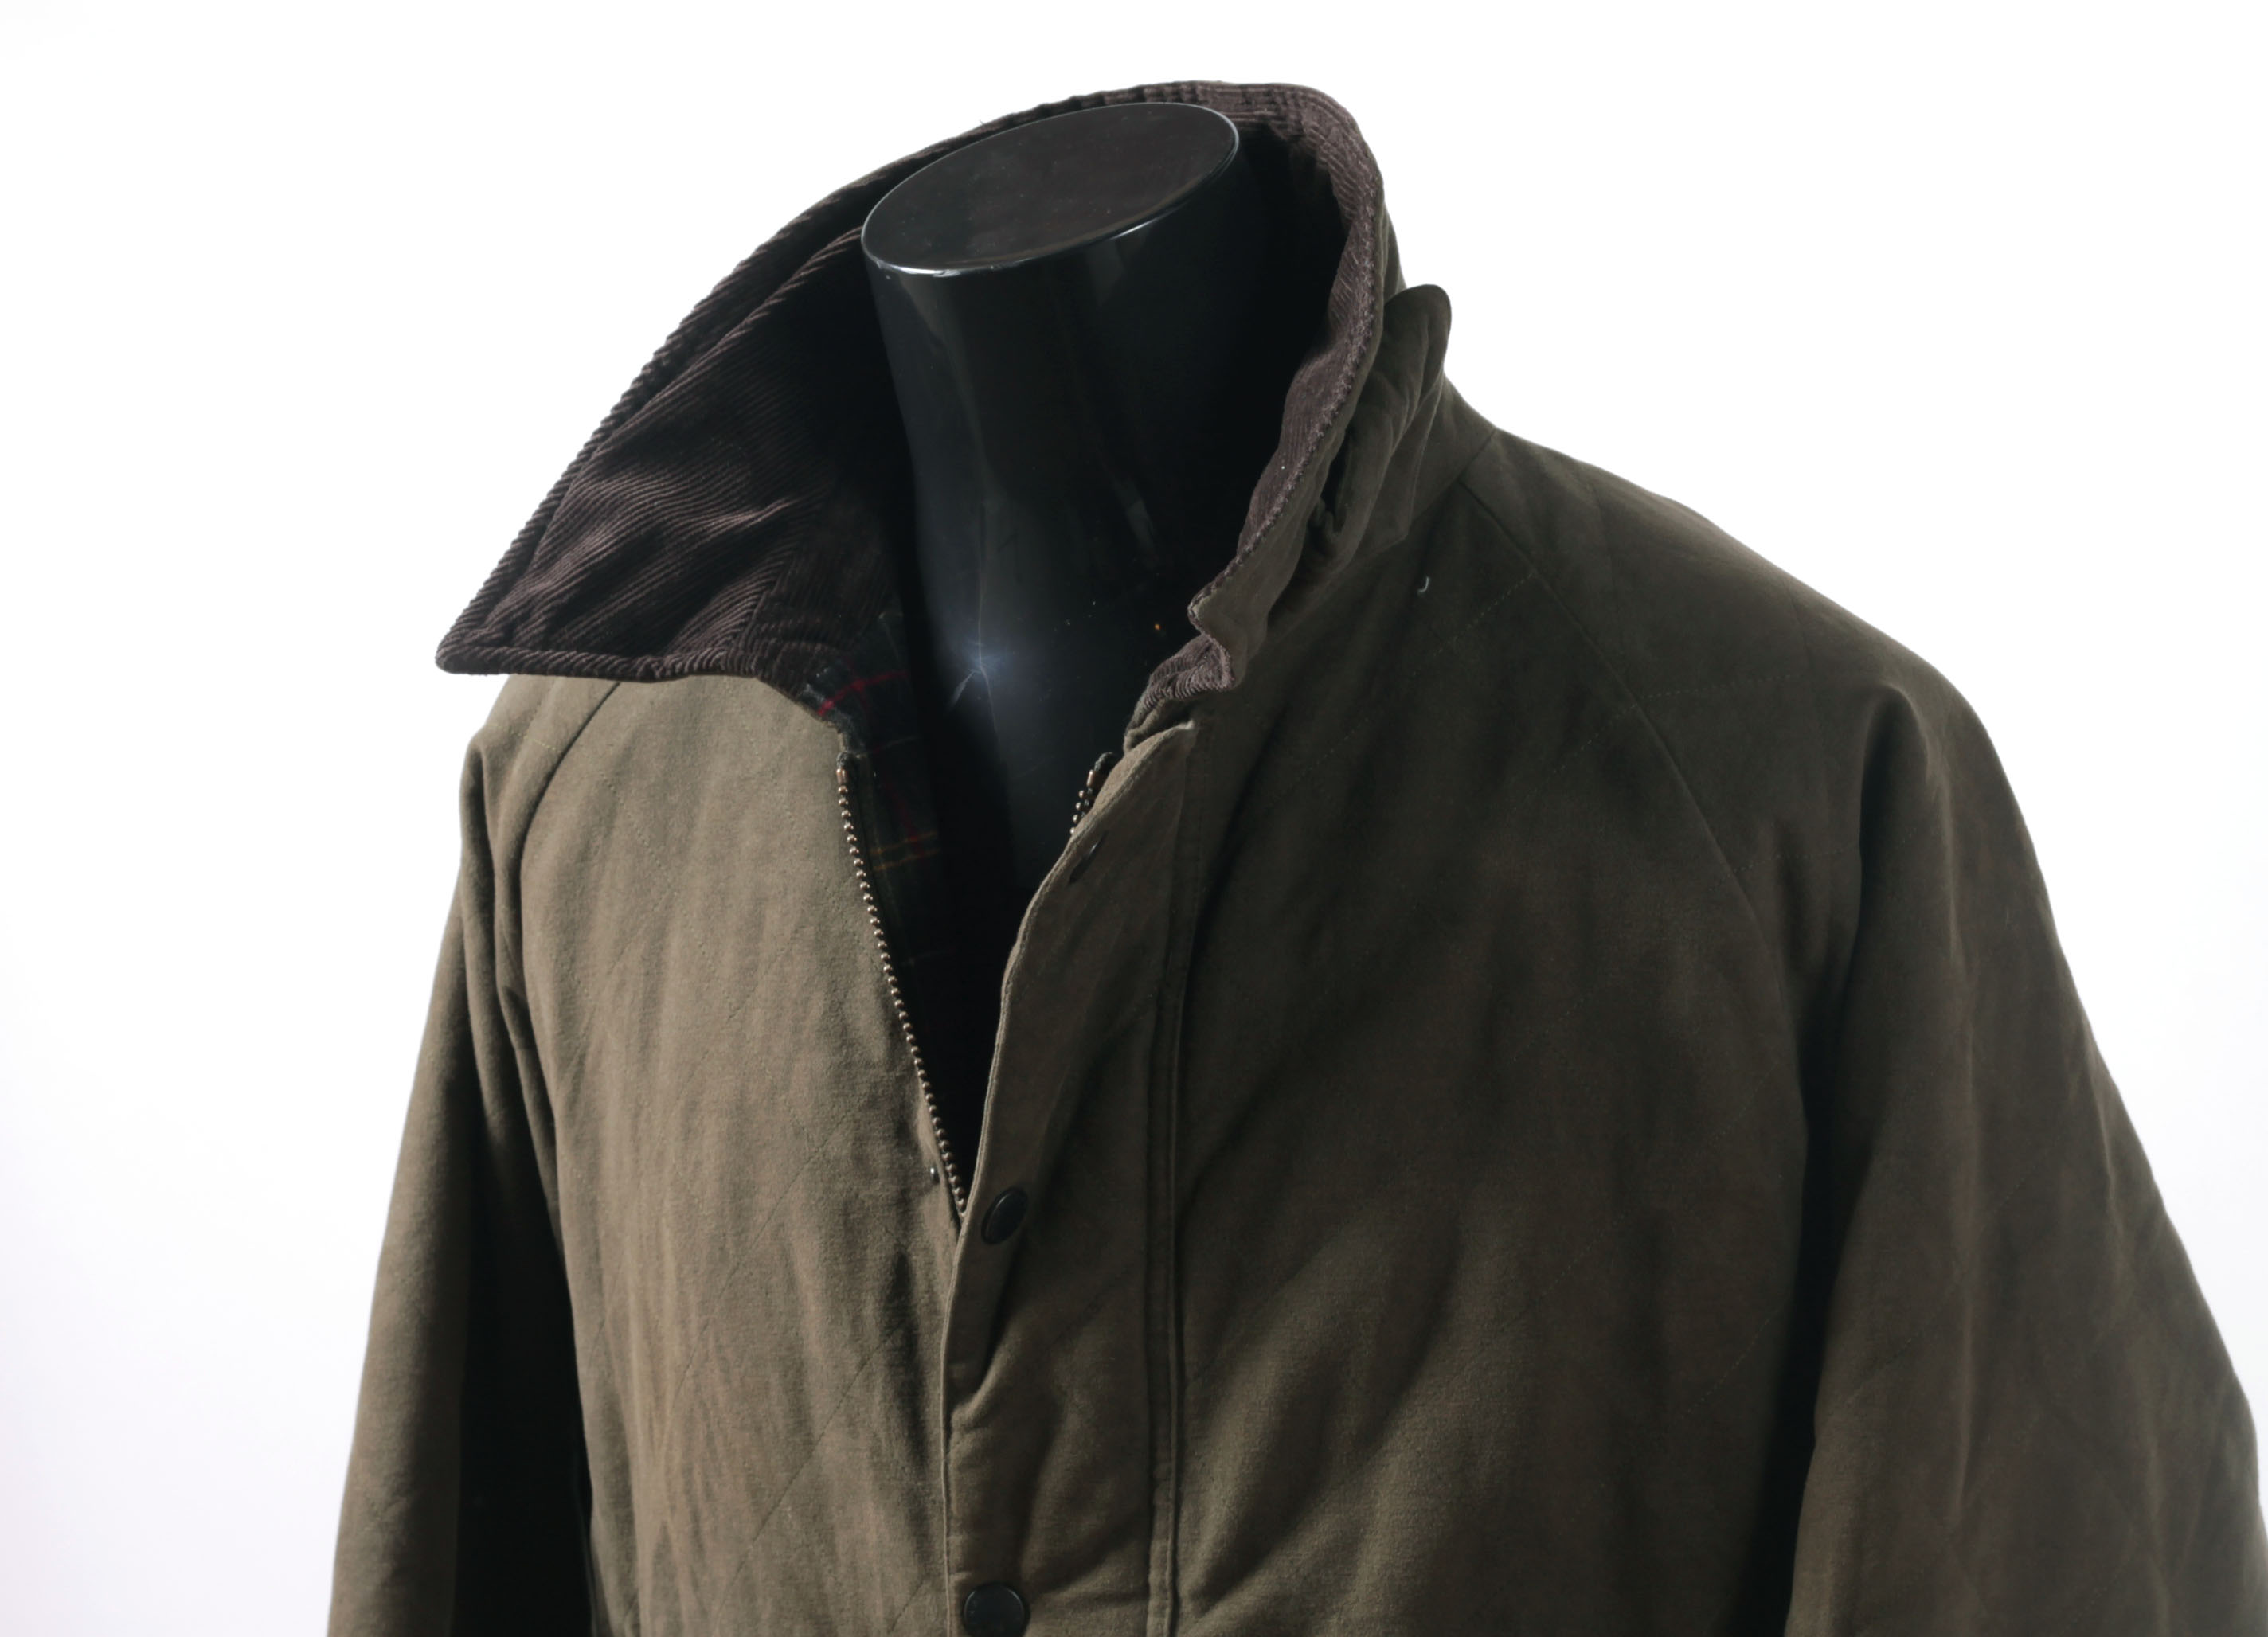 barbour official website barbour vest barbour ladies quilted jacket. Black Bedroom Furniture Sets. Home Design Ideas